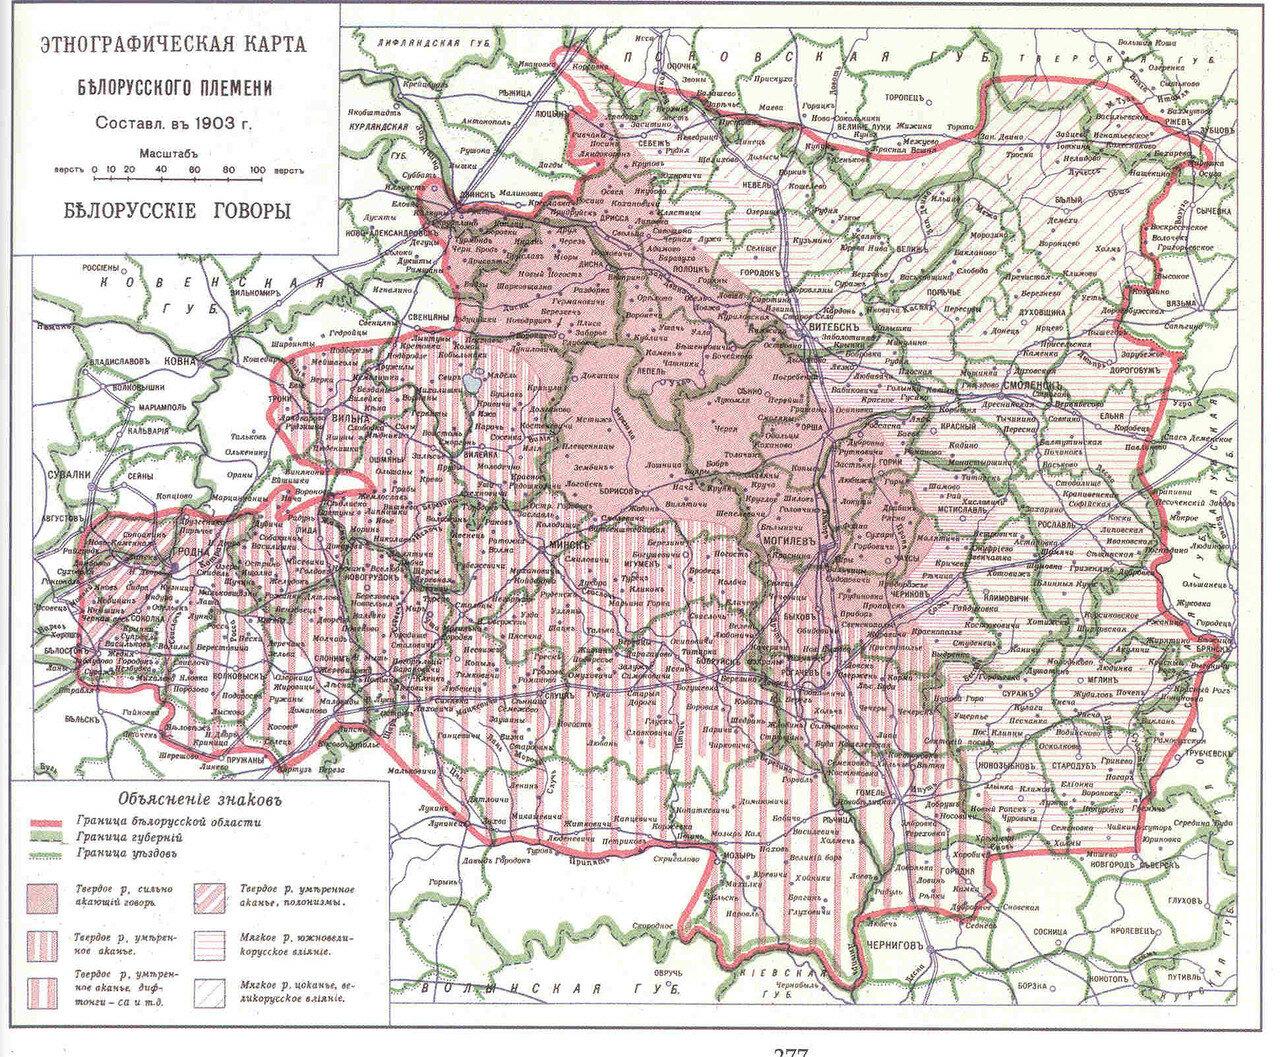 1903. Этнографическая карта Белорусского племени